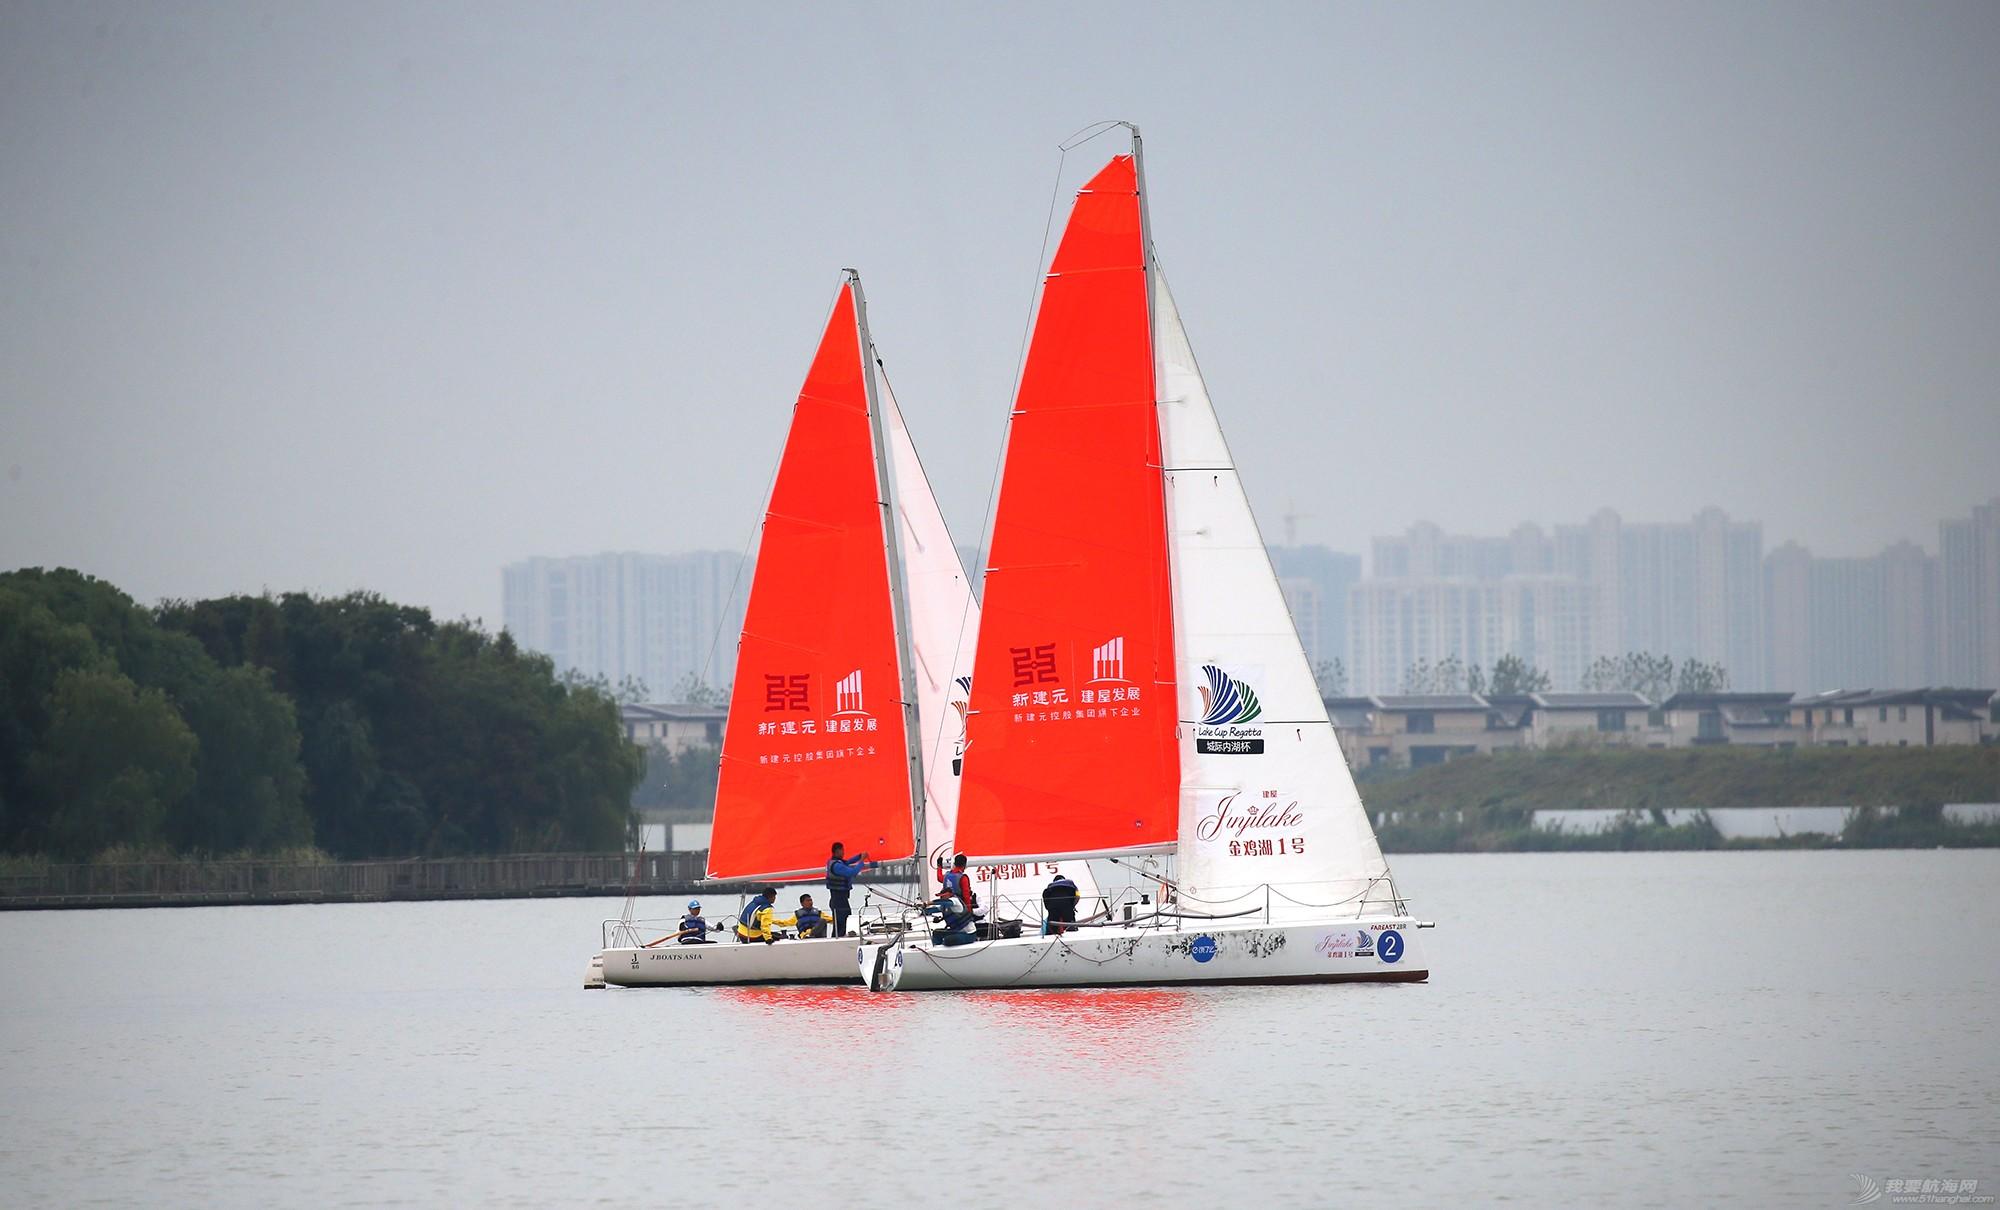 帆船,空间 帆船是灰度空间里跳动的彩色音符 E78W7848.JPG